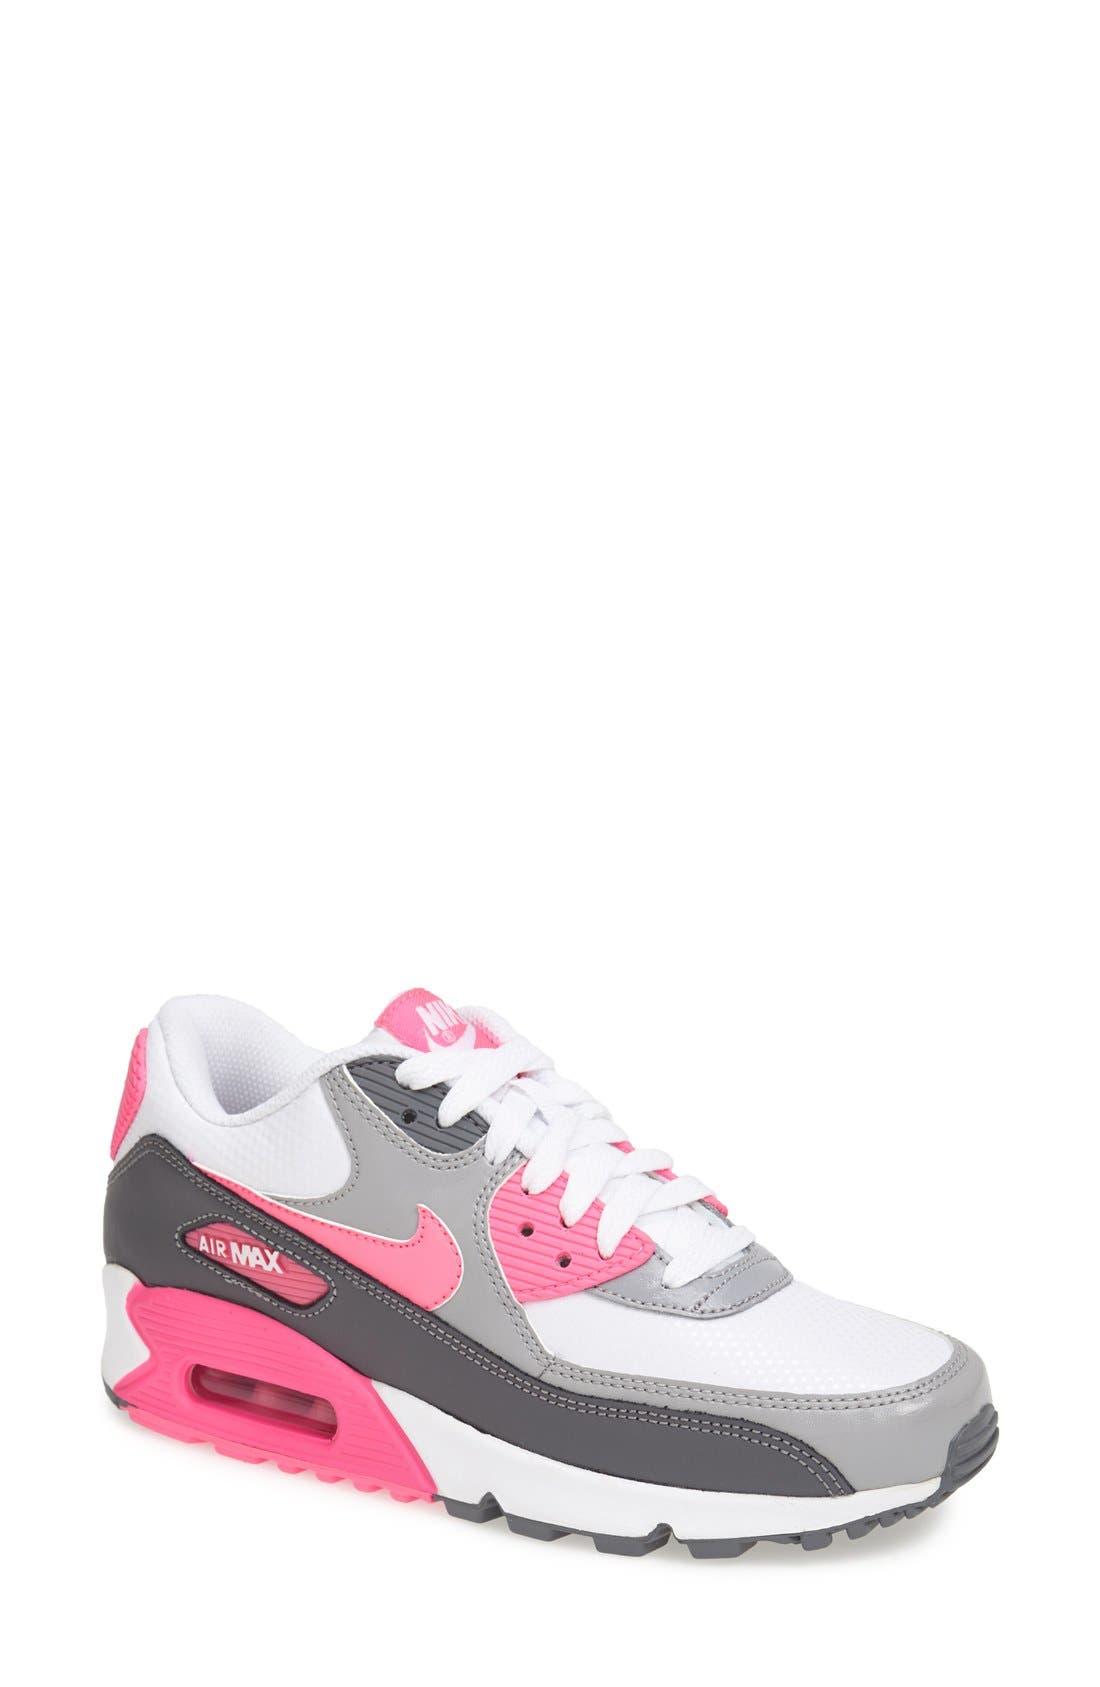 Alternate Image 1 Selected - Nike 'Air Max - Essential' Sneaker (Women)